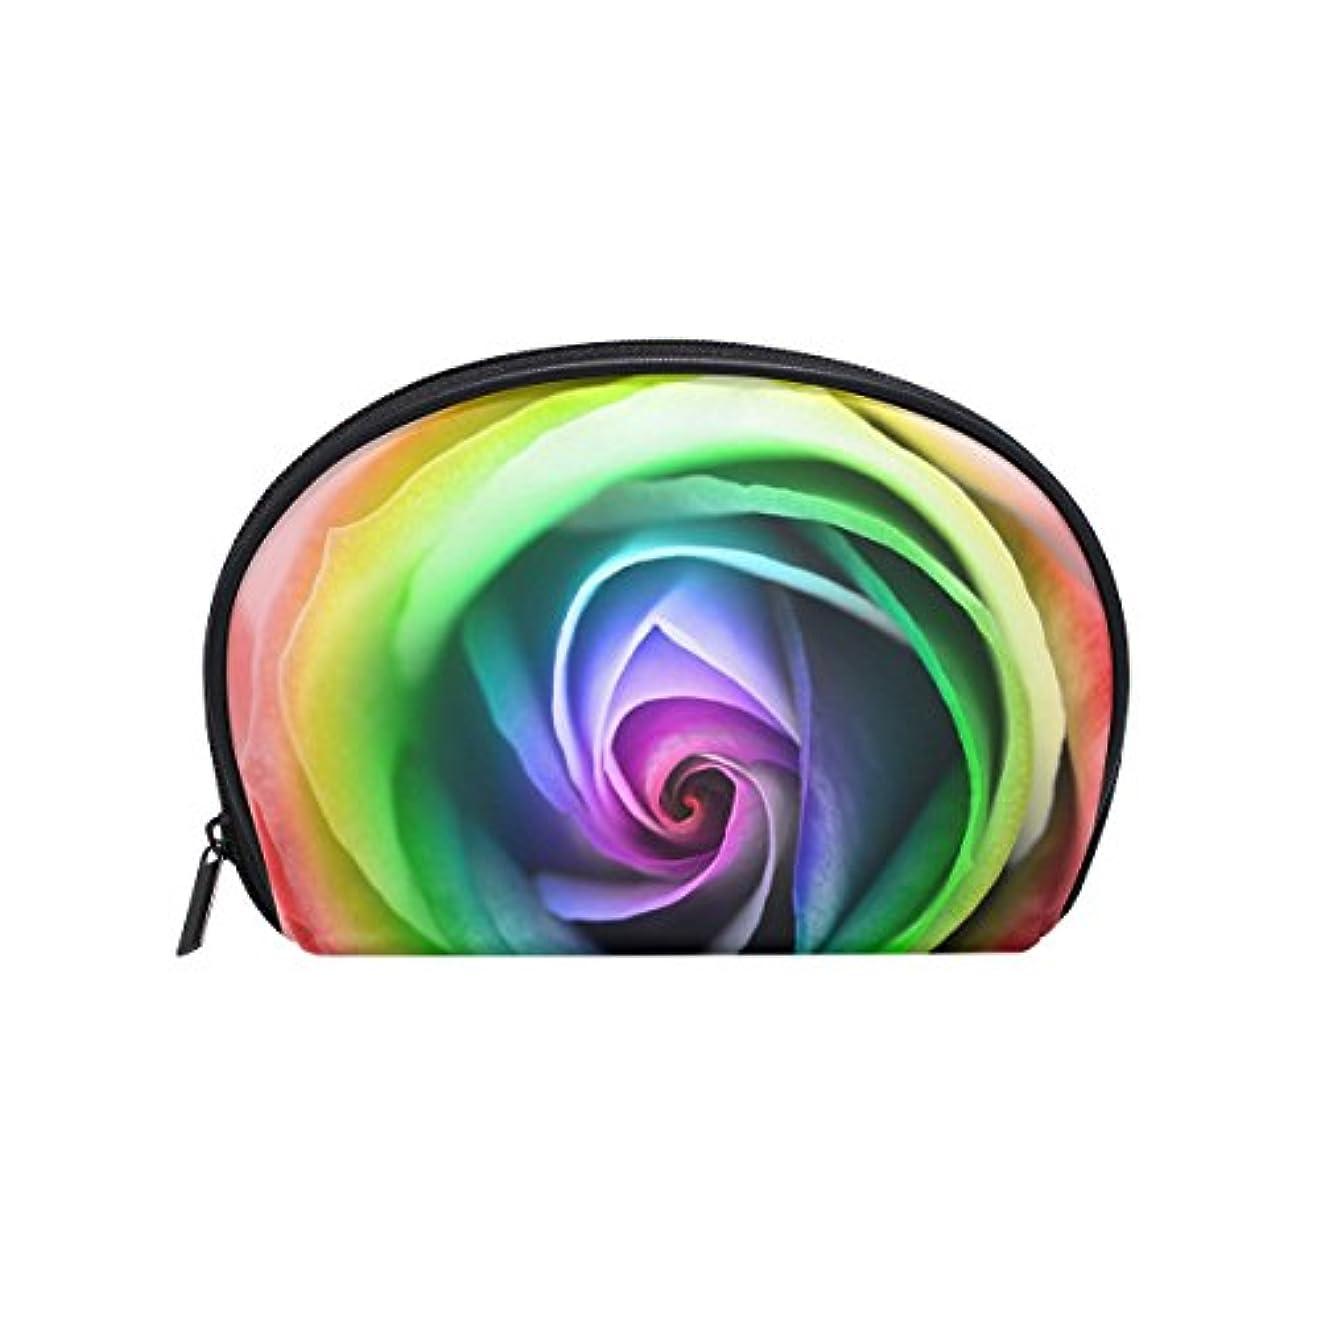 寂しい受取人挑発するALAZA レインボーローズ 半月 化粧品 メイク トイレタリーバッグ ポーチ 旅行ハンディ財布オーガナイザーバッグ